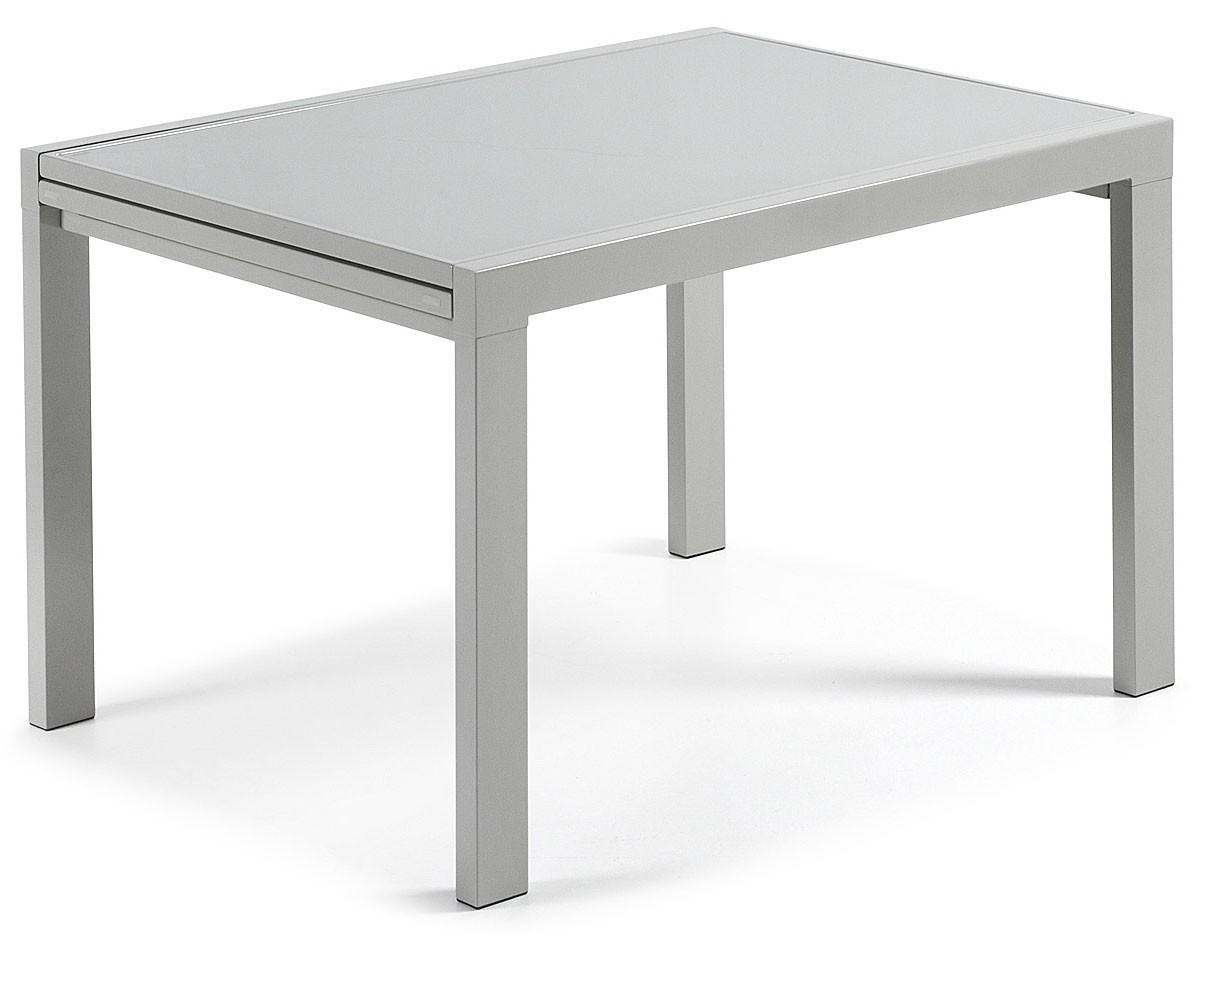 Mesa extensible anja de cristal templado hogarterapia com for Mesa cristal 120